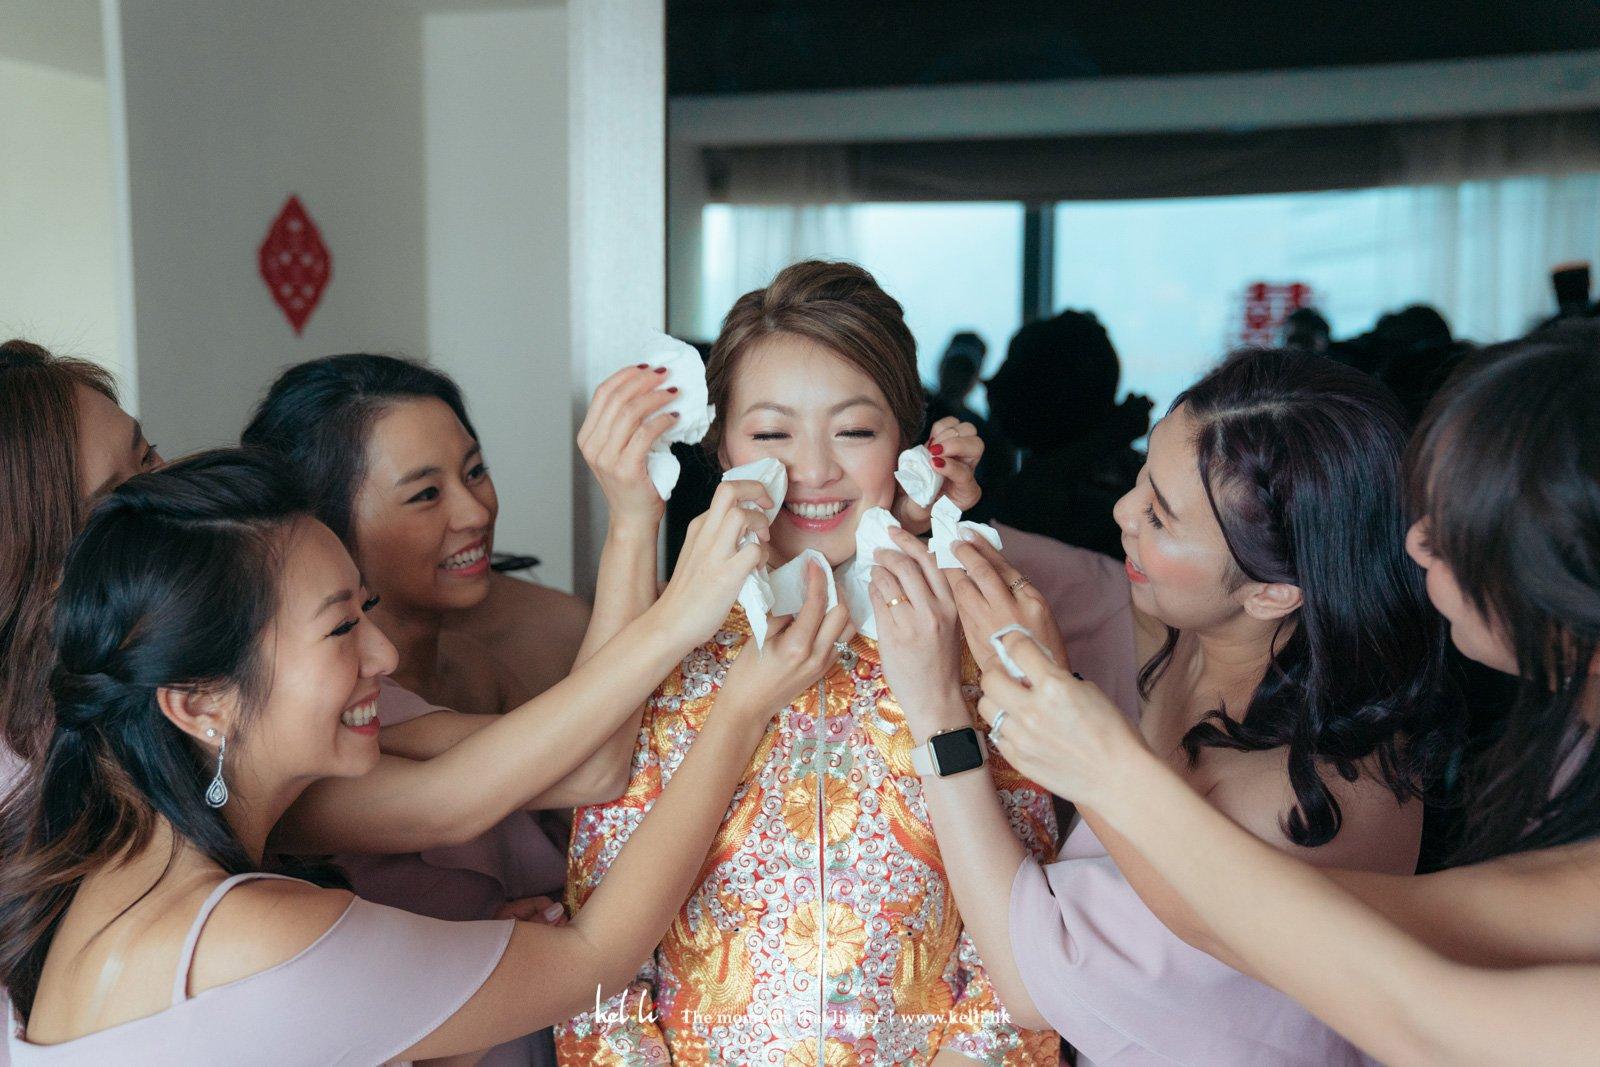 幸福的紙巾,是婚禮攝影師必備的裝備